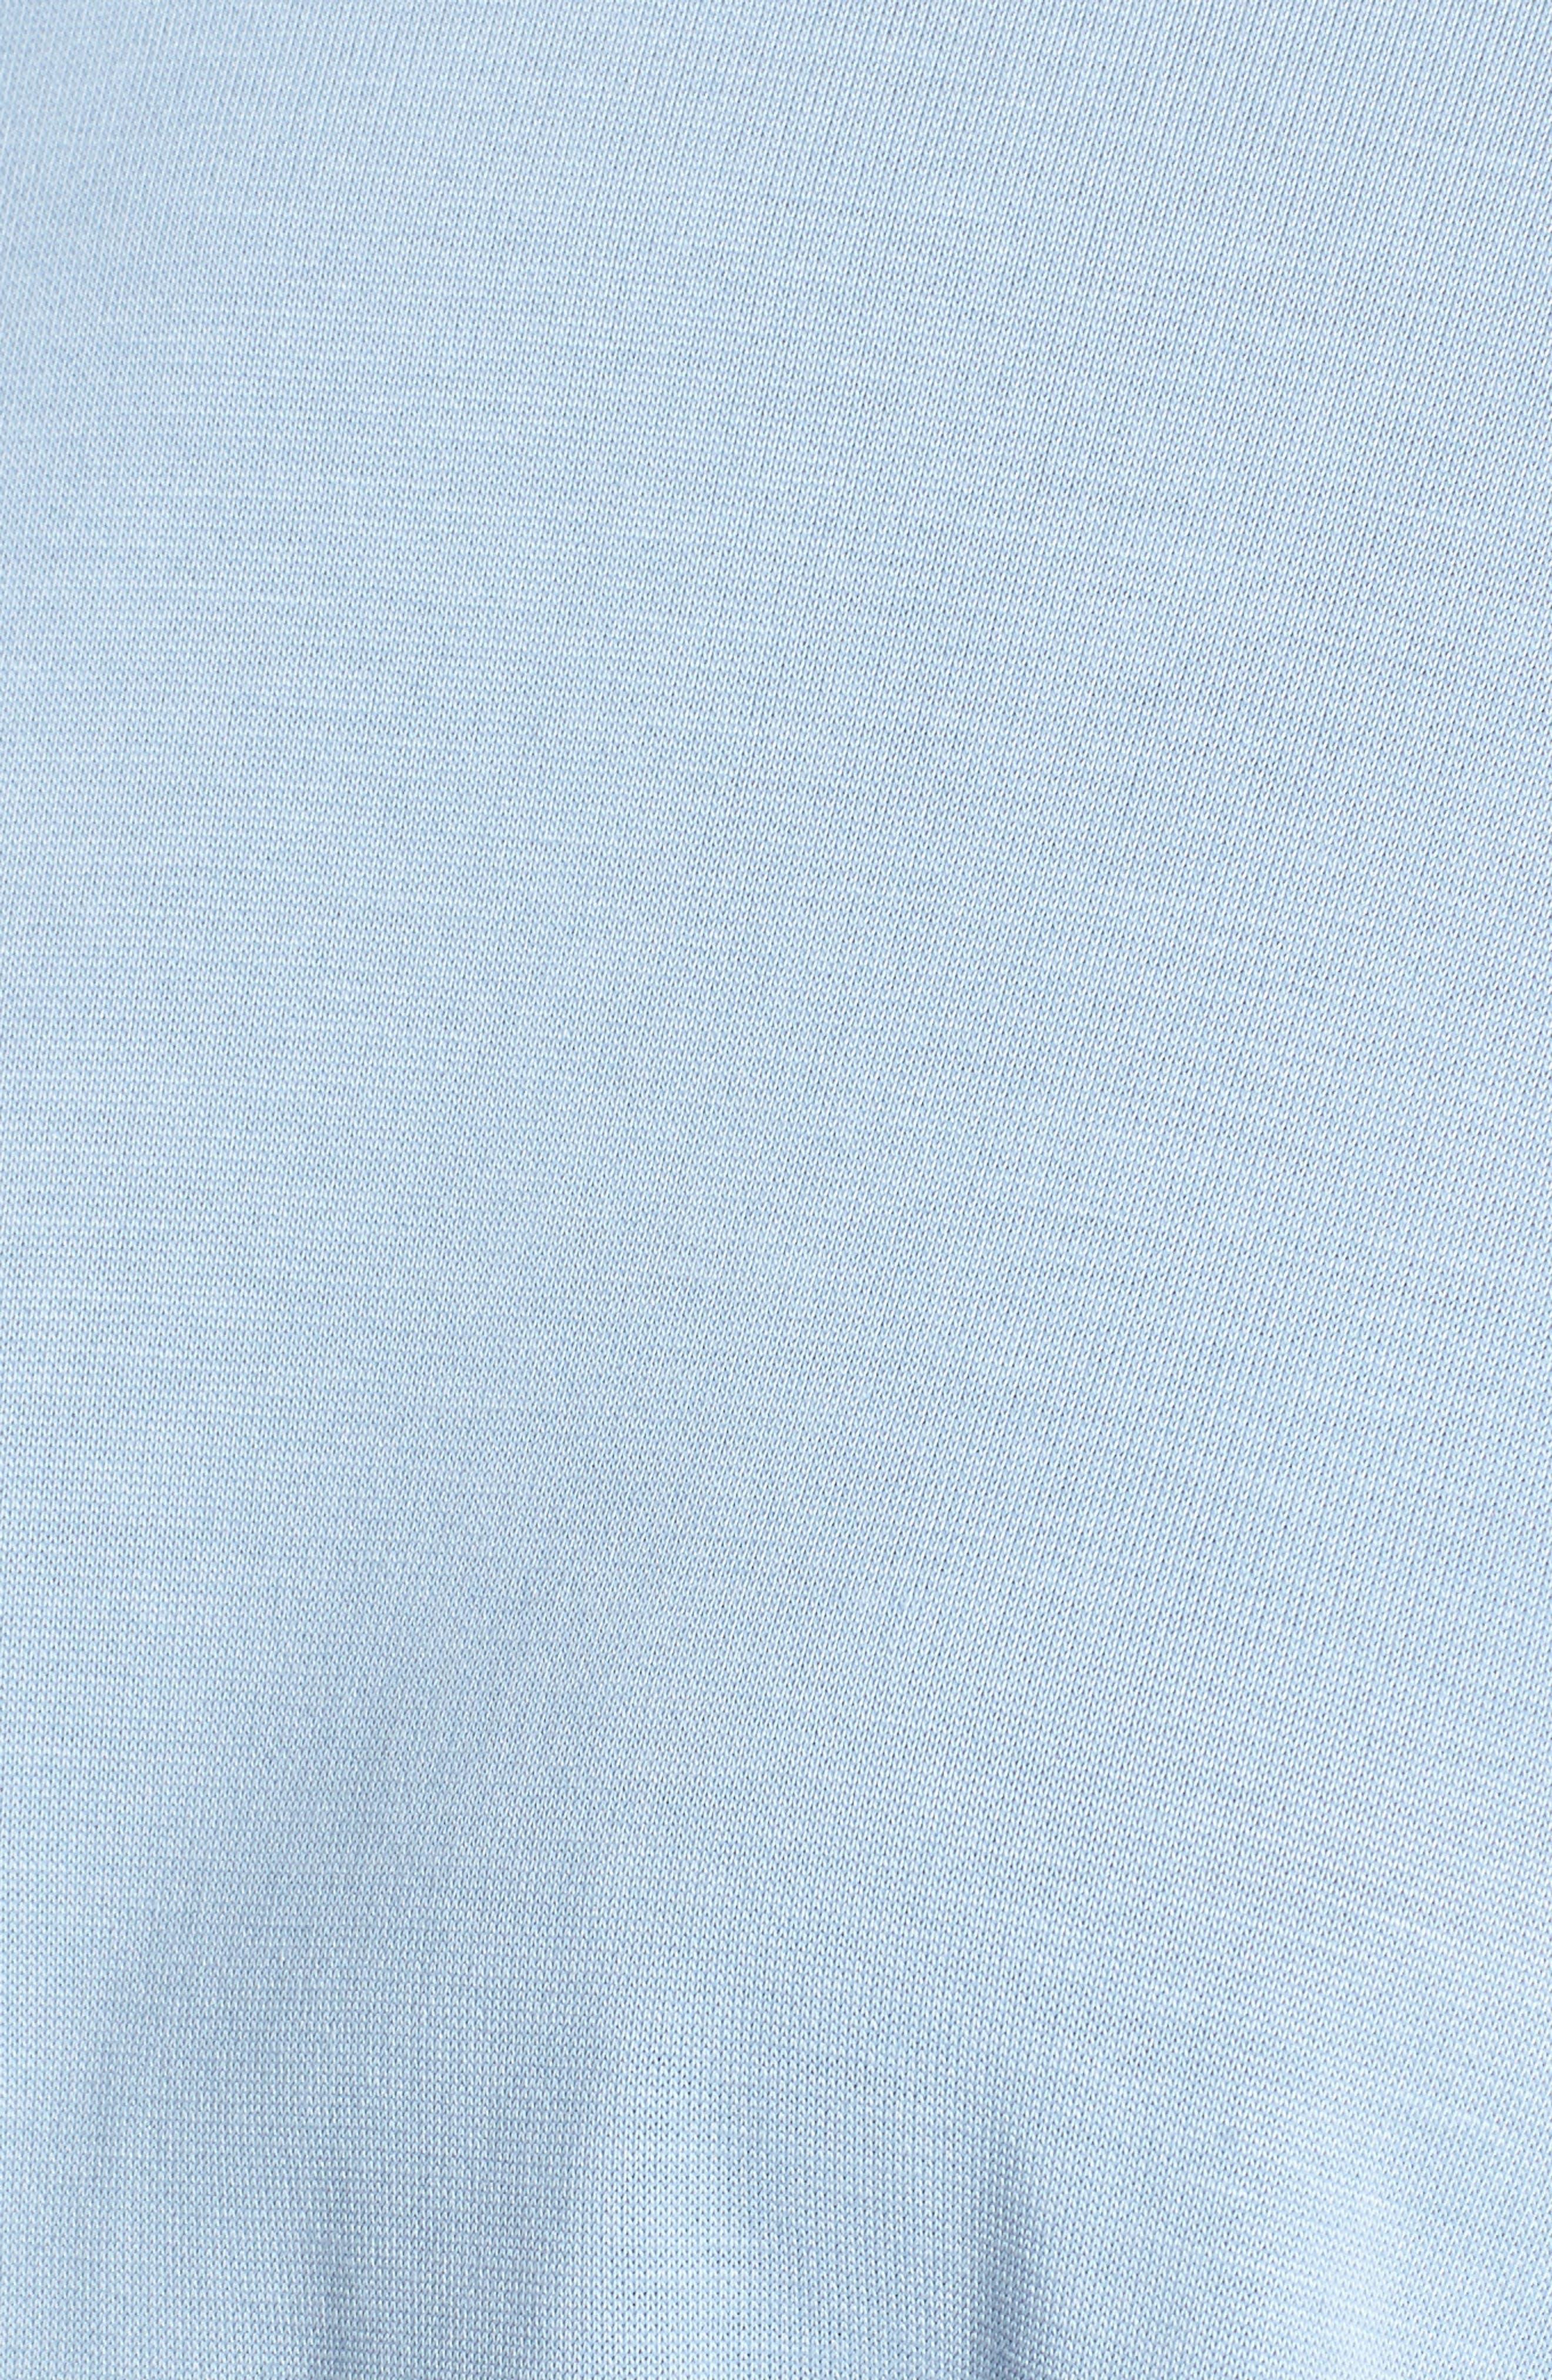 Alternate Image 5  - Lush Cold Shoulder Top